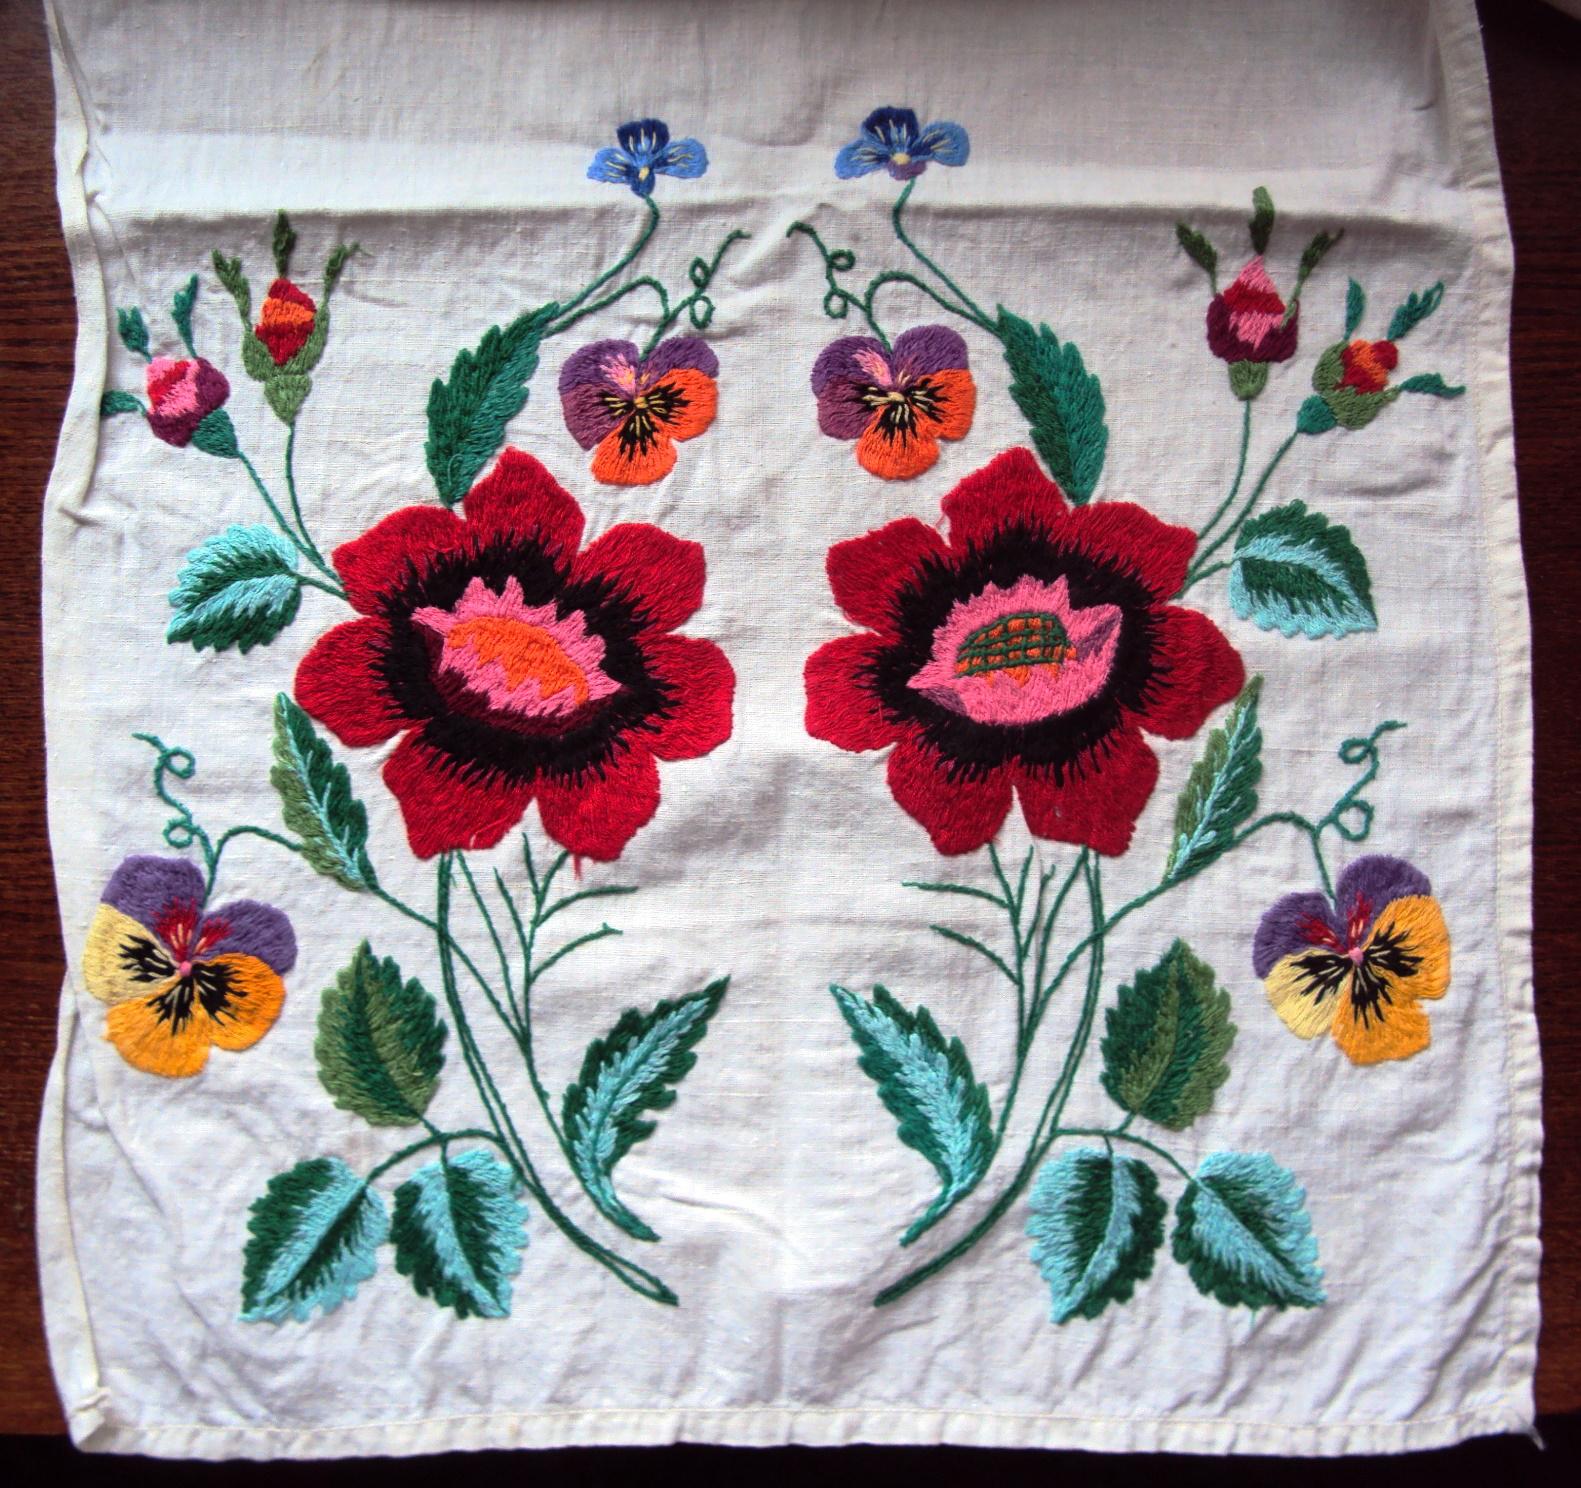 Вышивка на полотенце - podarki 20